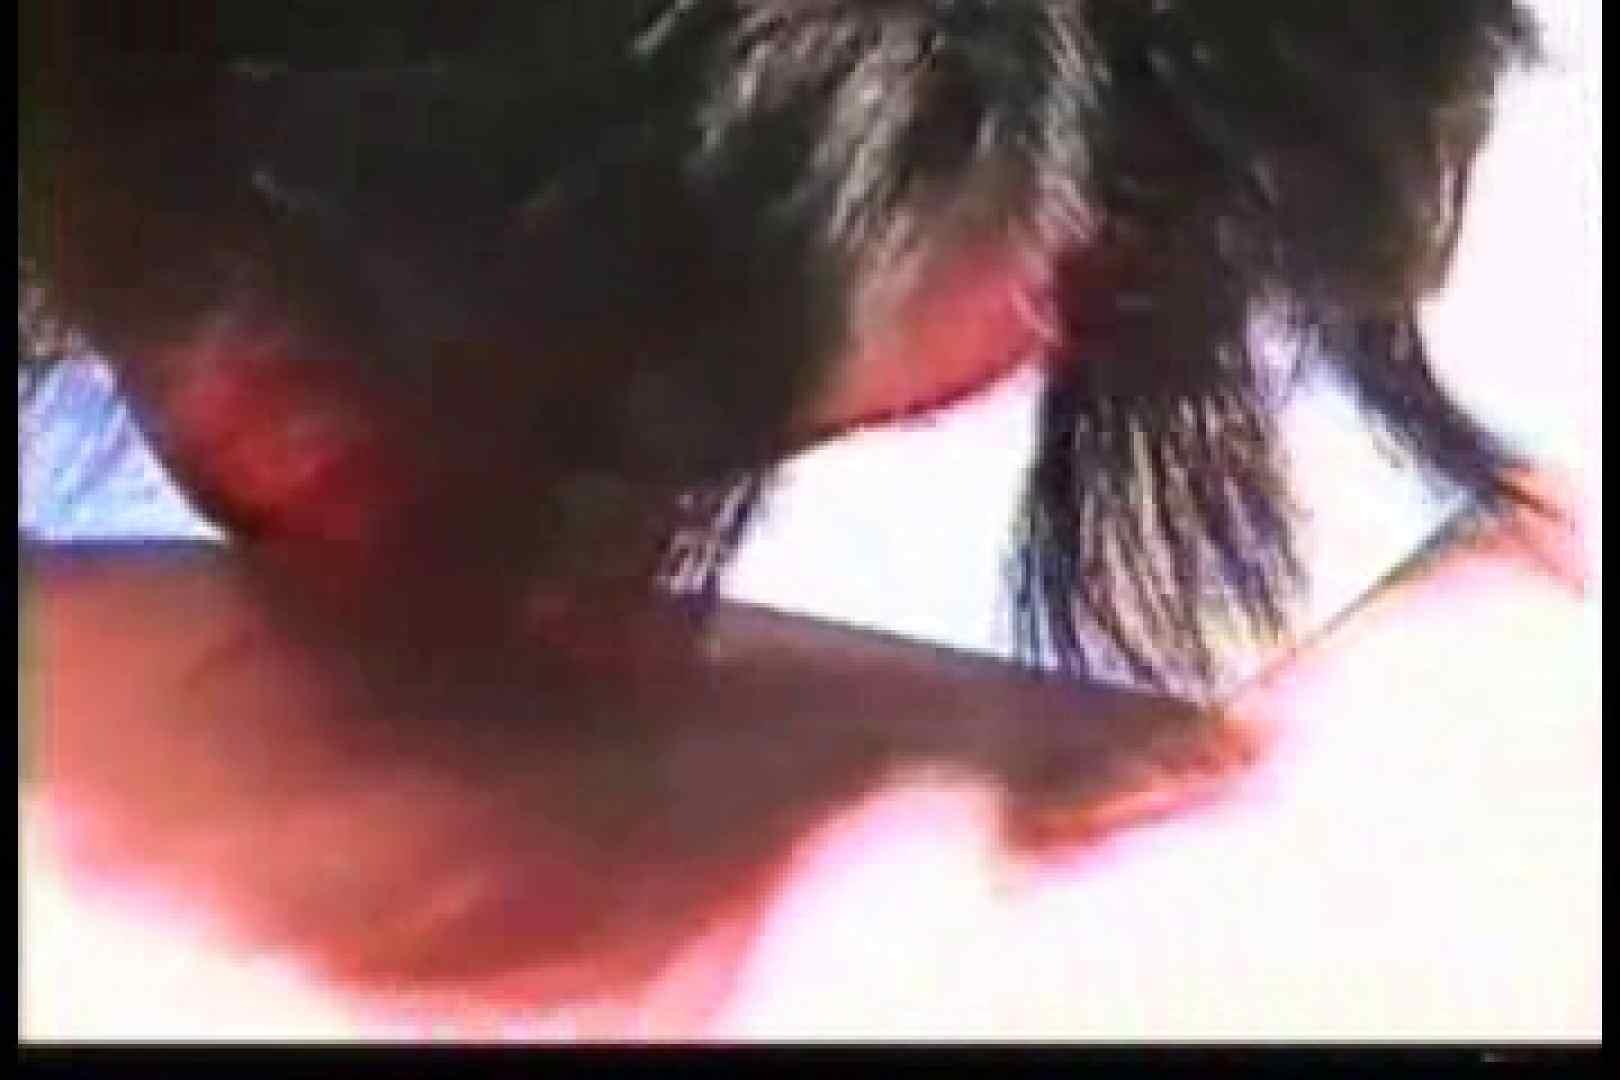 【投稿作品】秘蔵流出ビデオ!!甘い追憶 フェラ天国 ゲイ素人エロ画像 94pic 22